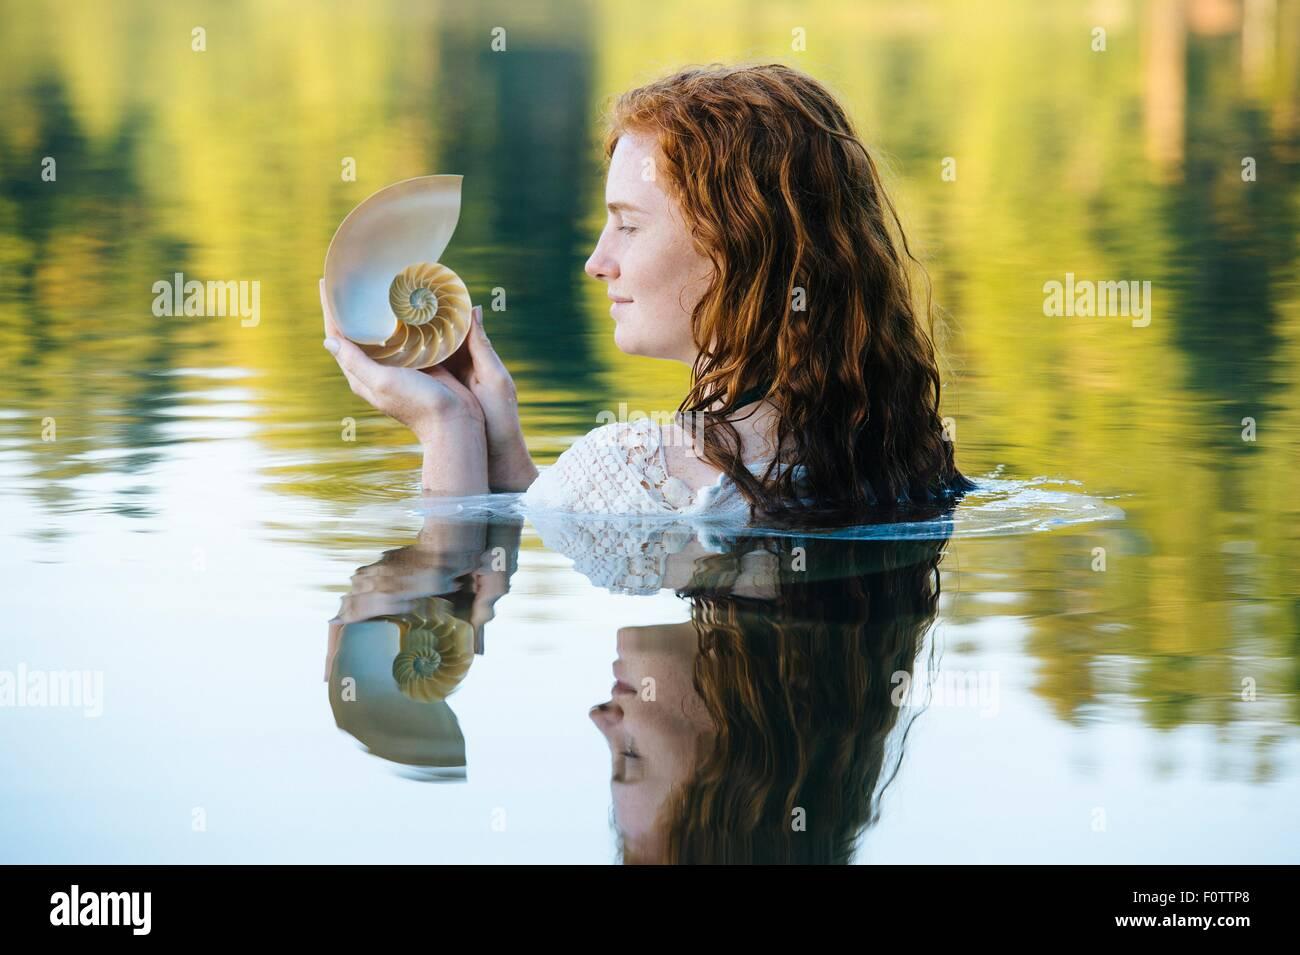 Cabeza y hombros de la mujer joven con largo pelo rojo en el lago contemplando el Seashell Foto de stock